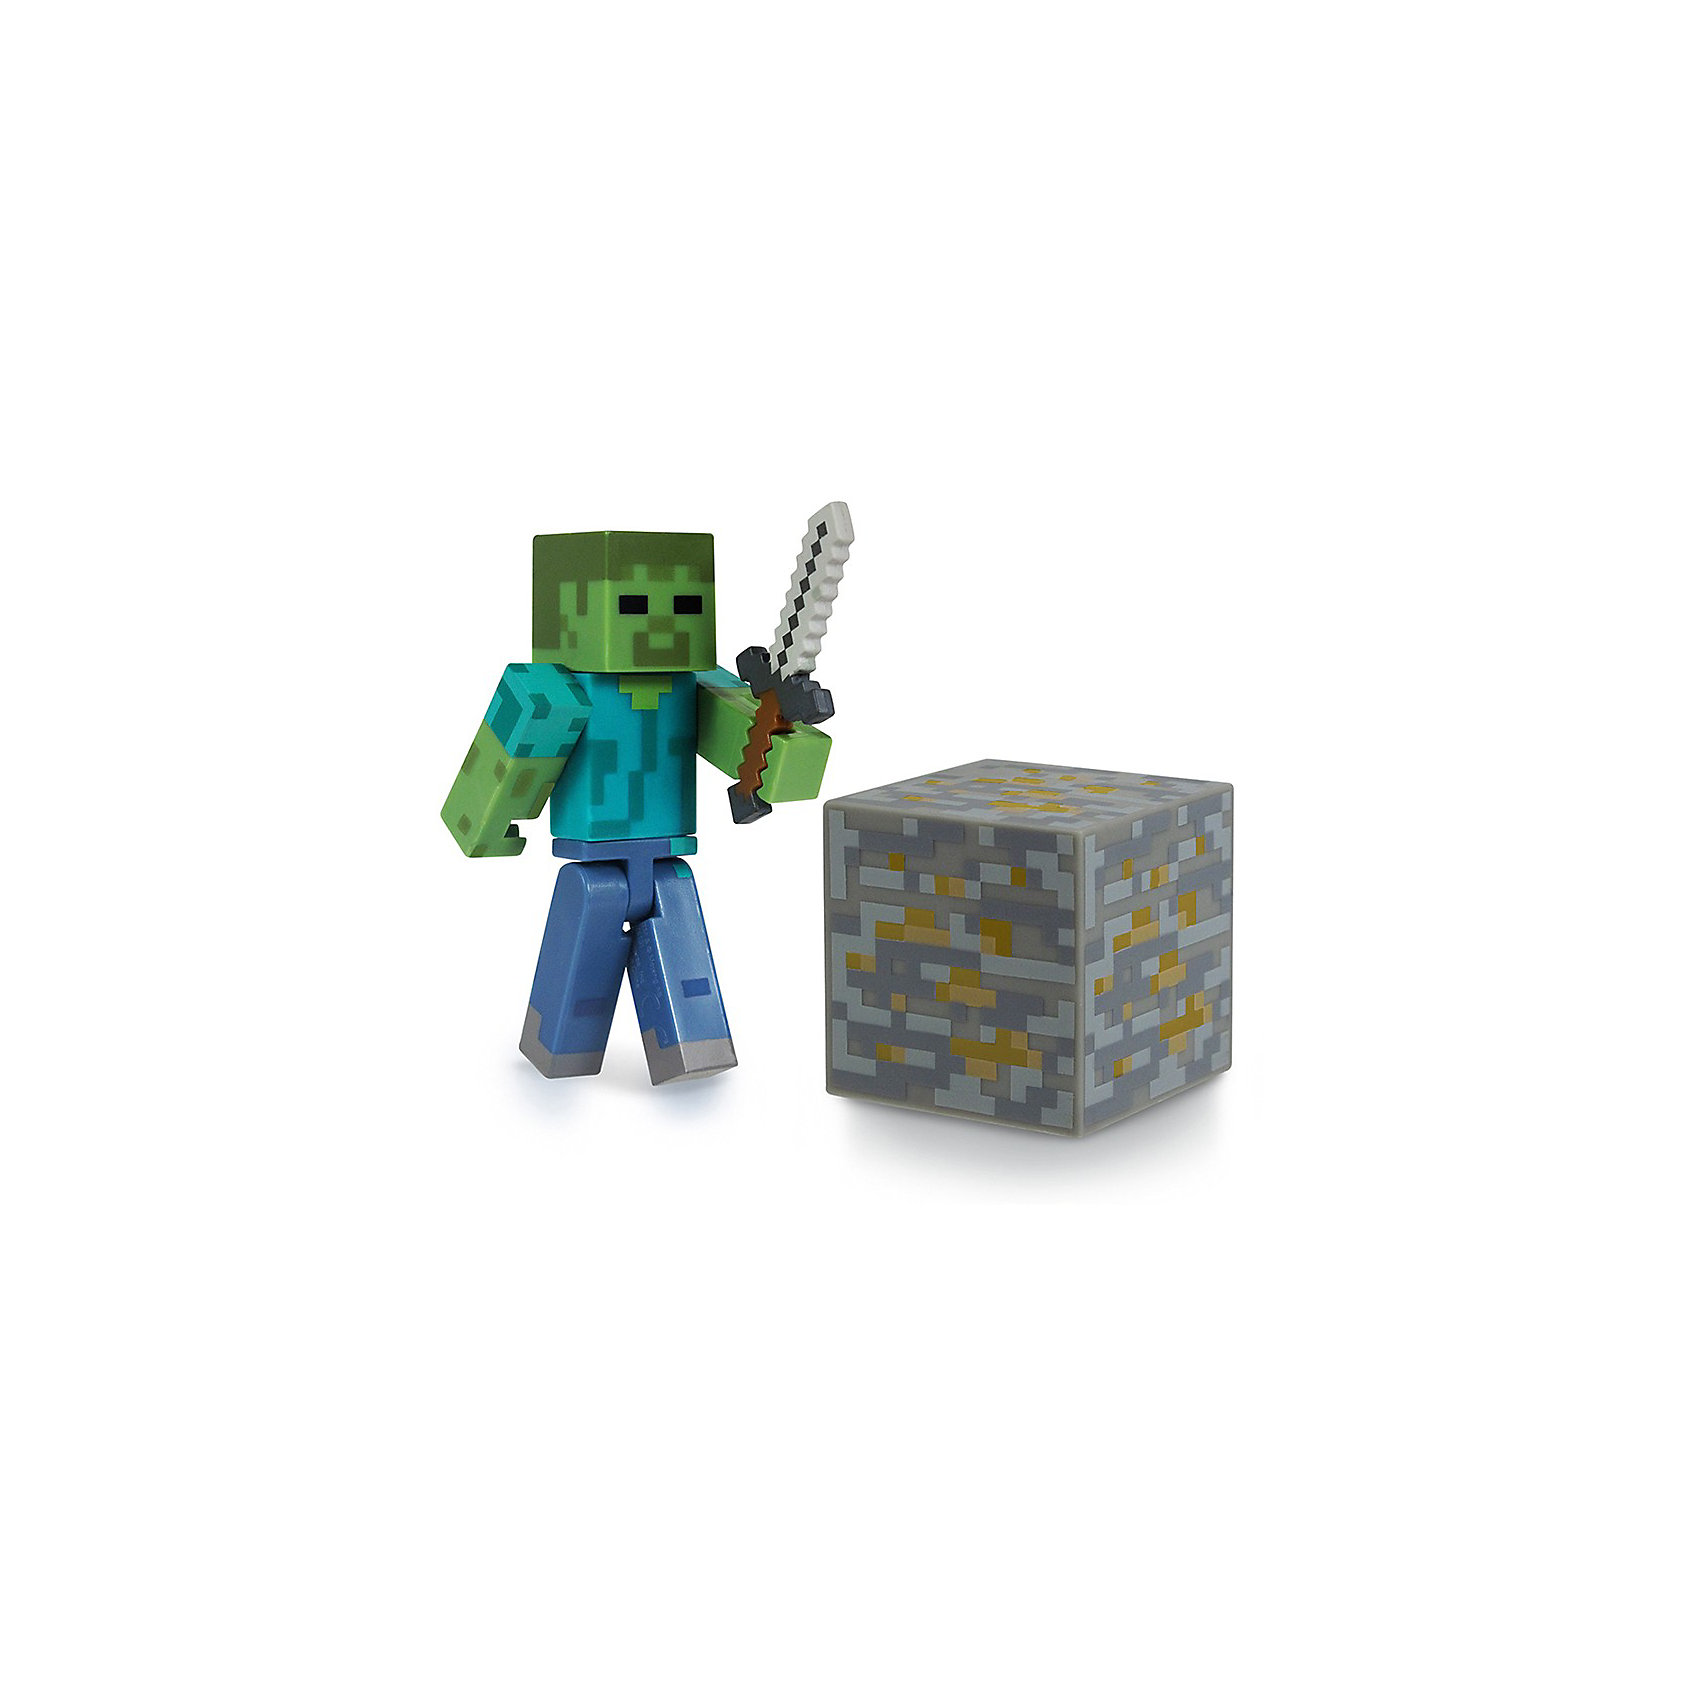 Jazwares Фигурка Зомби, 8см, Minecraft 3 мягкая игрушка minecraft летучая мышь bat 16536 jazwares